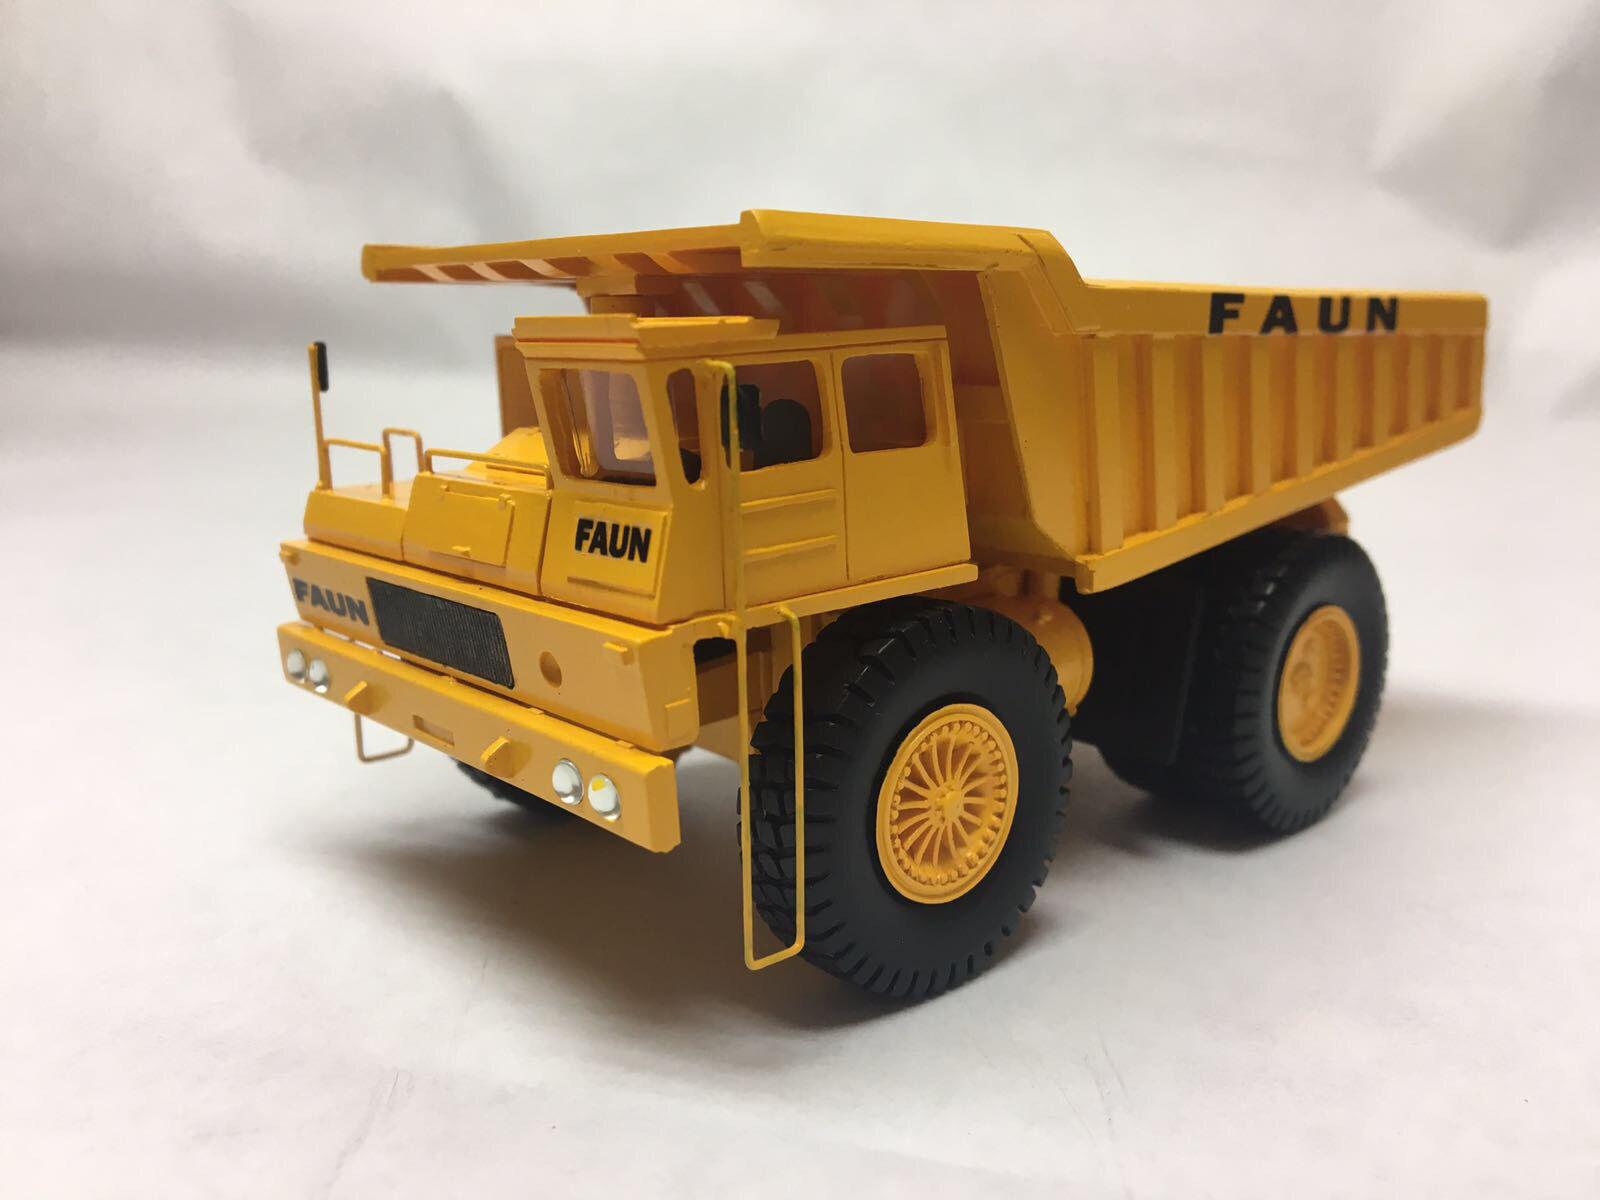 HO 1 87 FAUN K80 W 4x2 Camion Benne-prêts Résine Modèle par FanKit Models